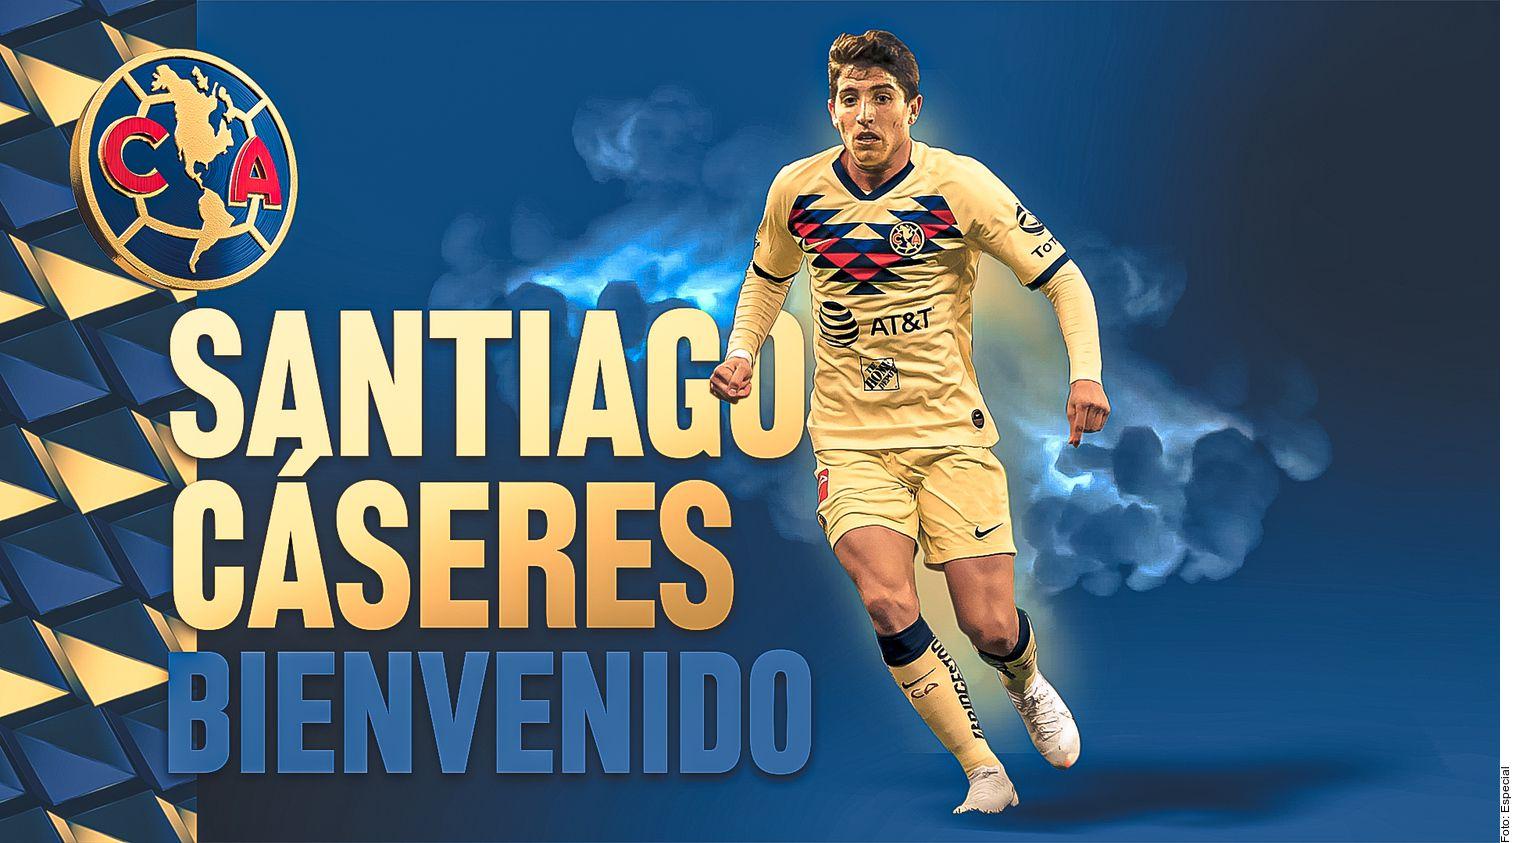 Las Águilas del América hicieron oficial la contratación del mediocampista argentino Santiago Cásares.